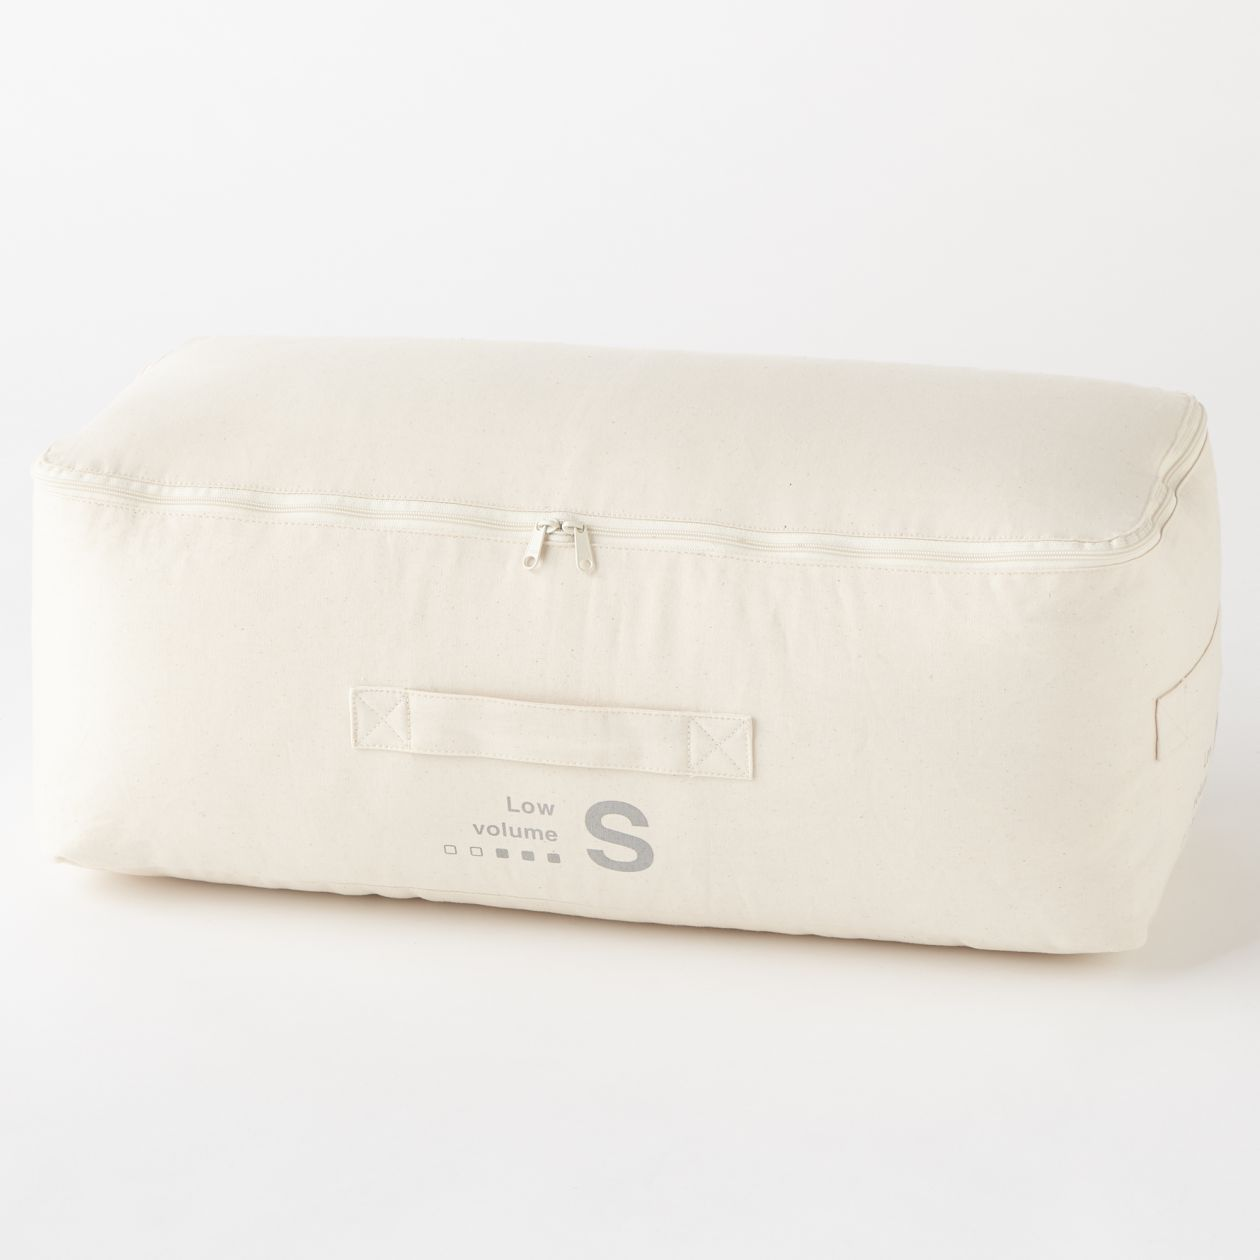 羽毛被的包裝收納袋可長年使用,且皆以棉素材製作,不使用化學纖維材料,減少對地球環境的負擔